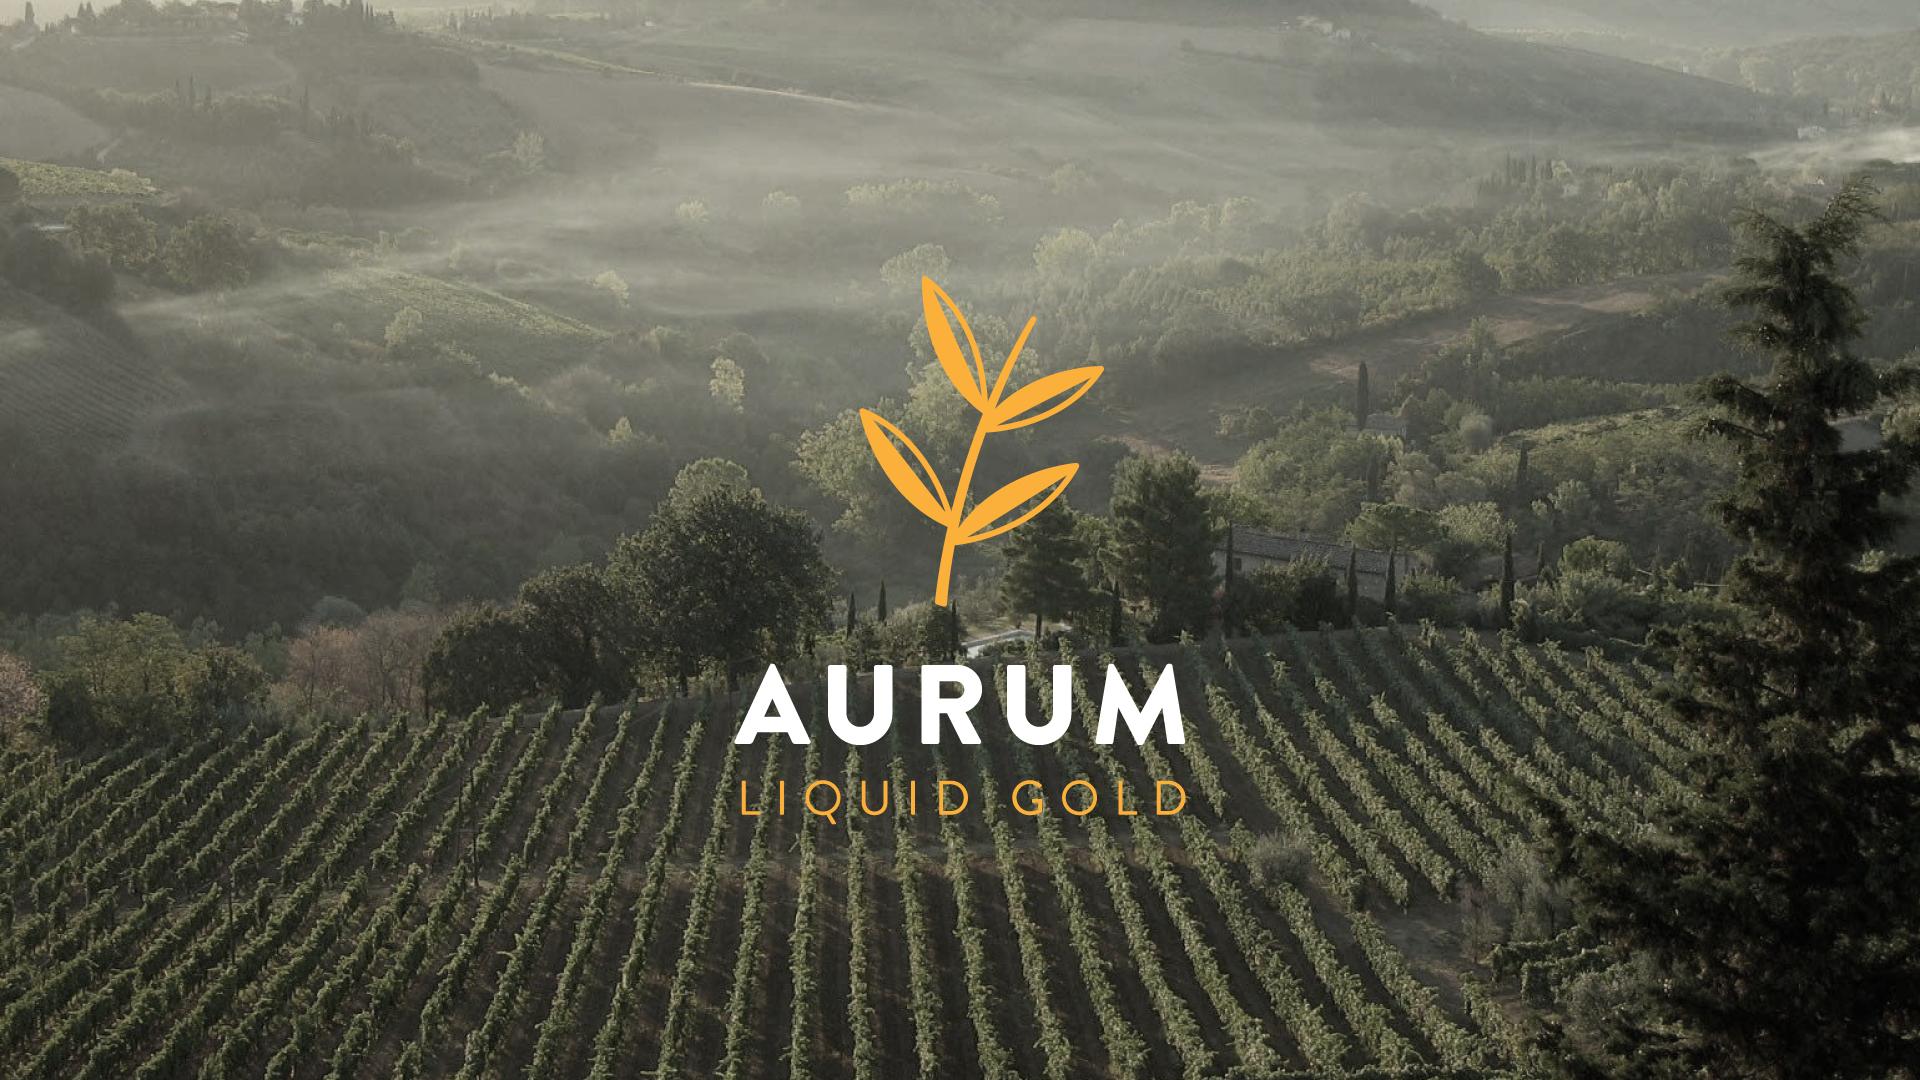 aurum01.jpg